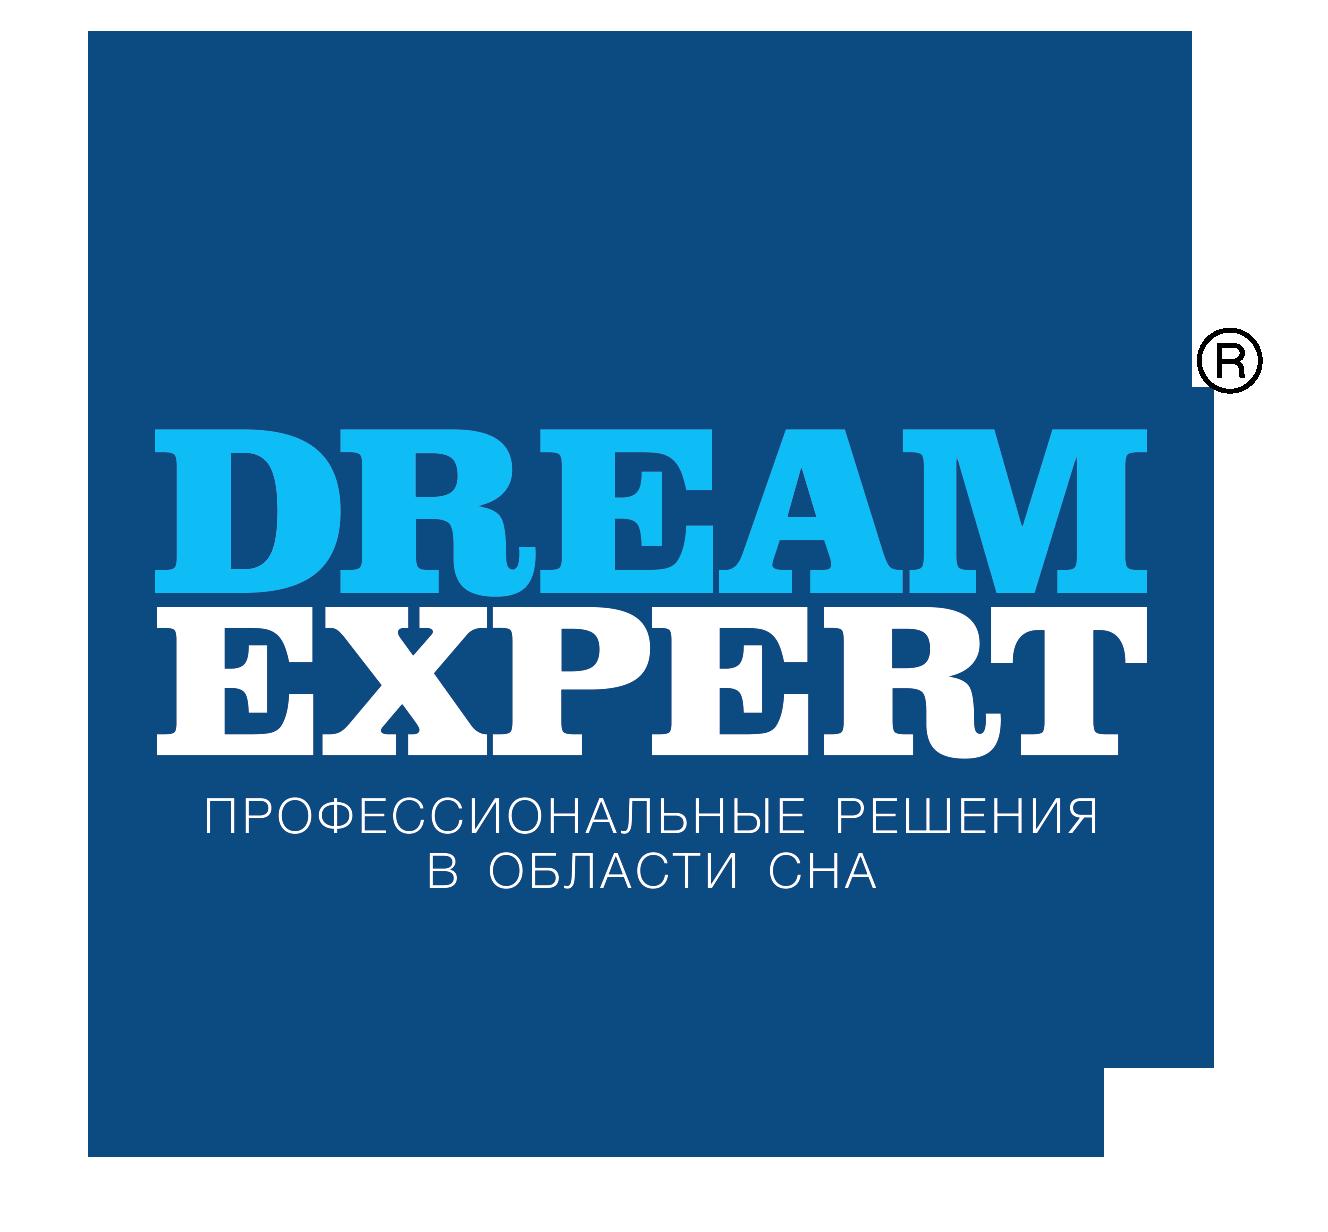 Купить Матрас Alitte Bosch Eco Mini H-12-K 120x200 в Екатеринбурге по цене от 8 840 ₽ рублей - скидки, доставка, отзывы покупателей